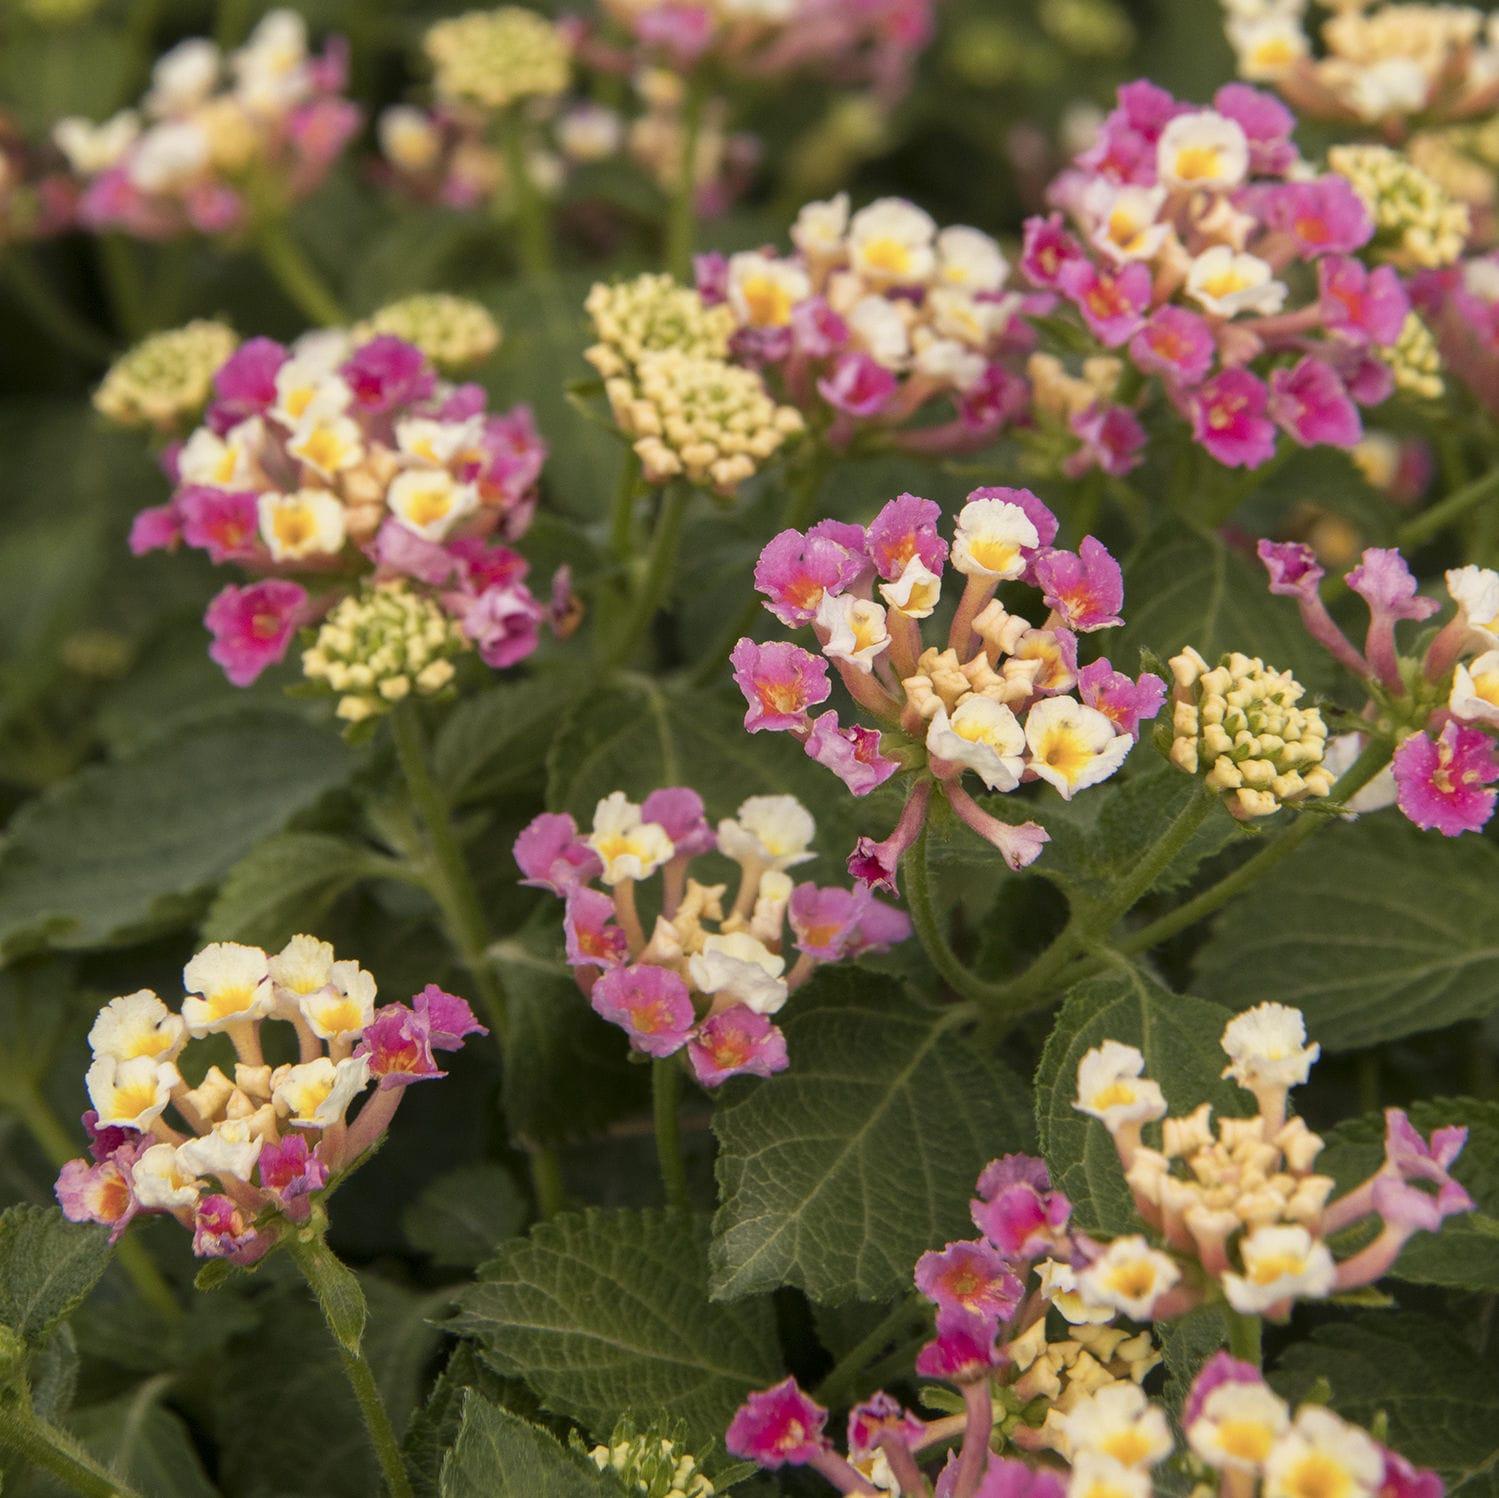 Piante Sempreverdi Da Aiuola arbusti da fiore per aiuola - 8945 - monrovia - a fiori rosa